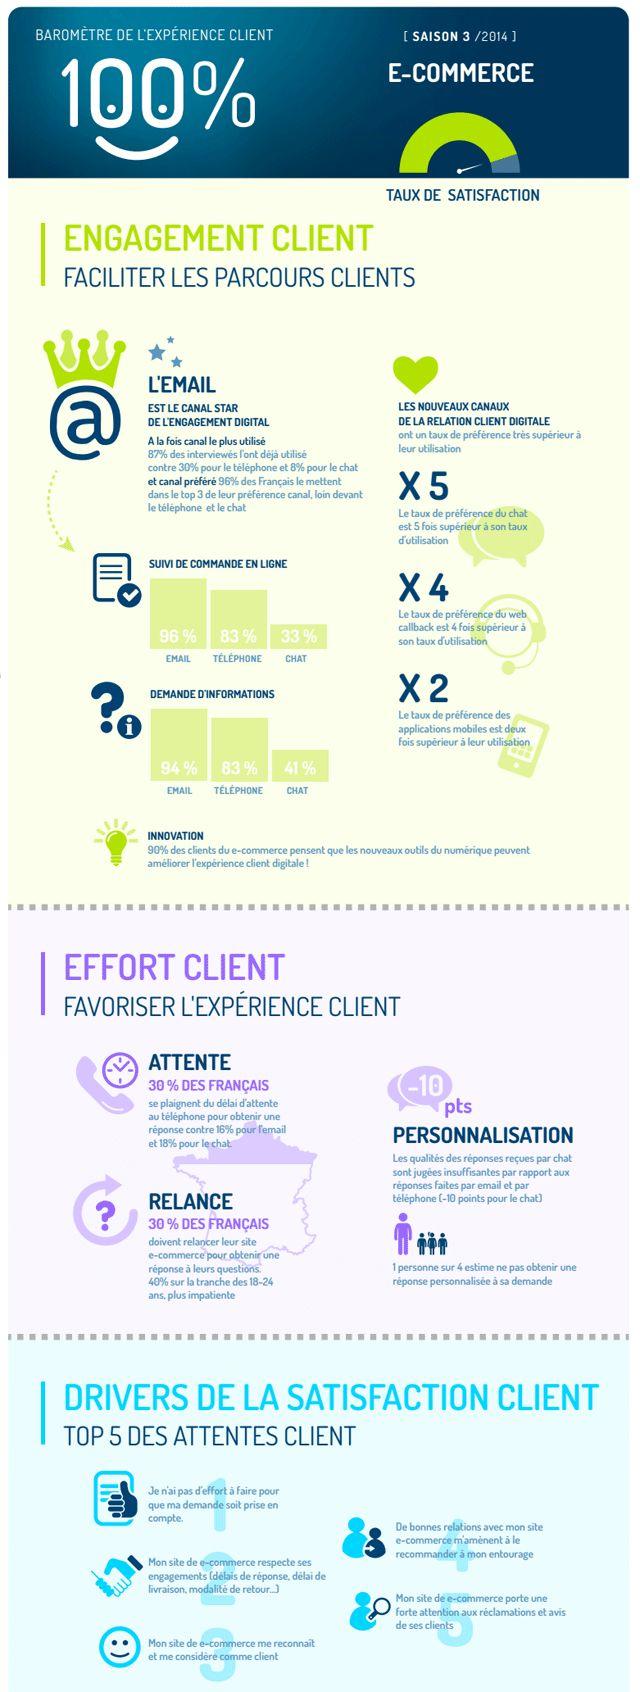 [Infographie] Baromètre de l'expérience client dans le E-commerce #ecommerce #experienceClient